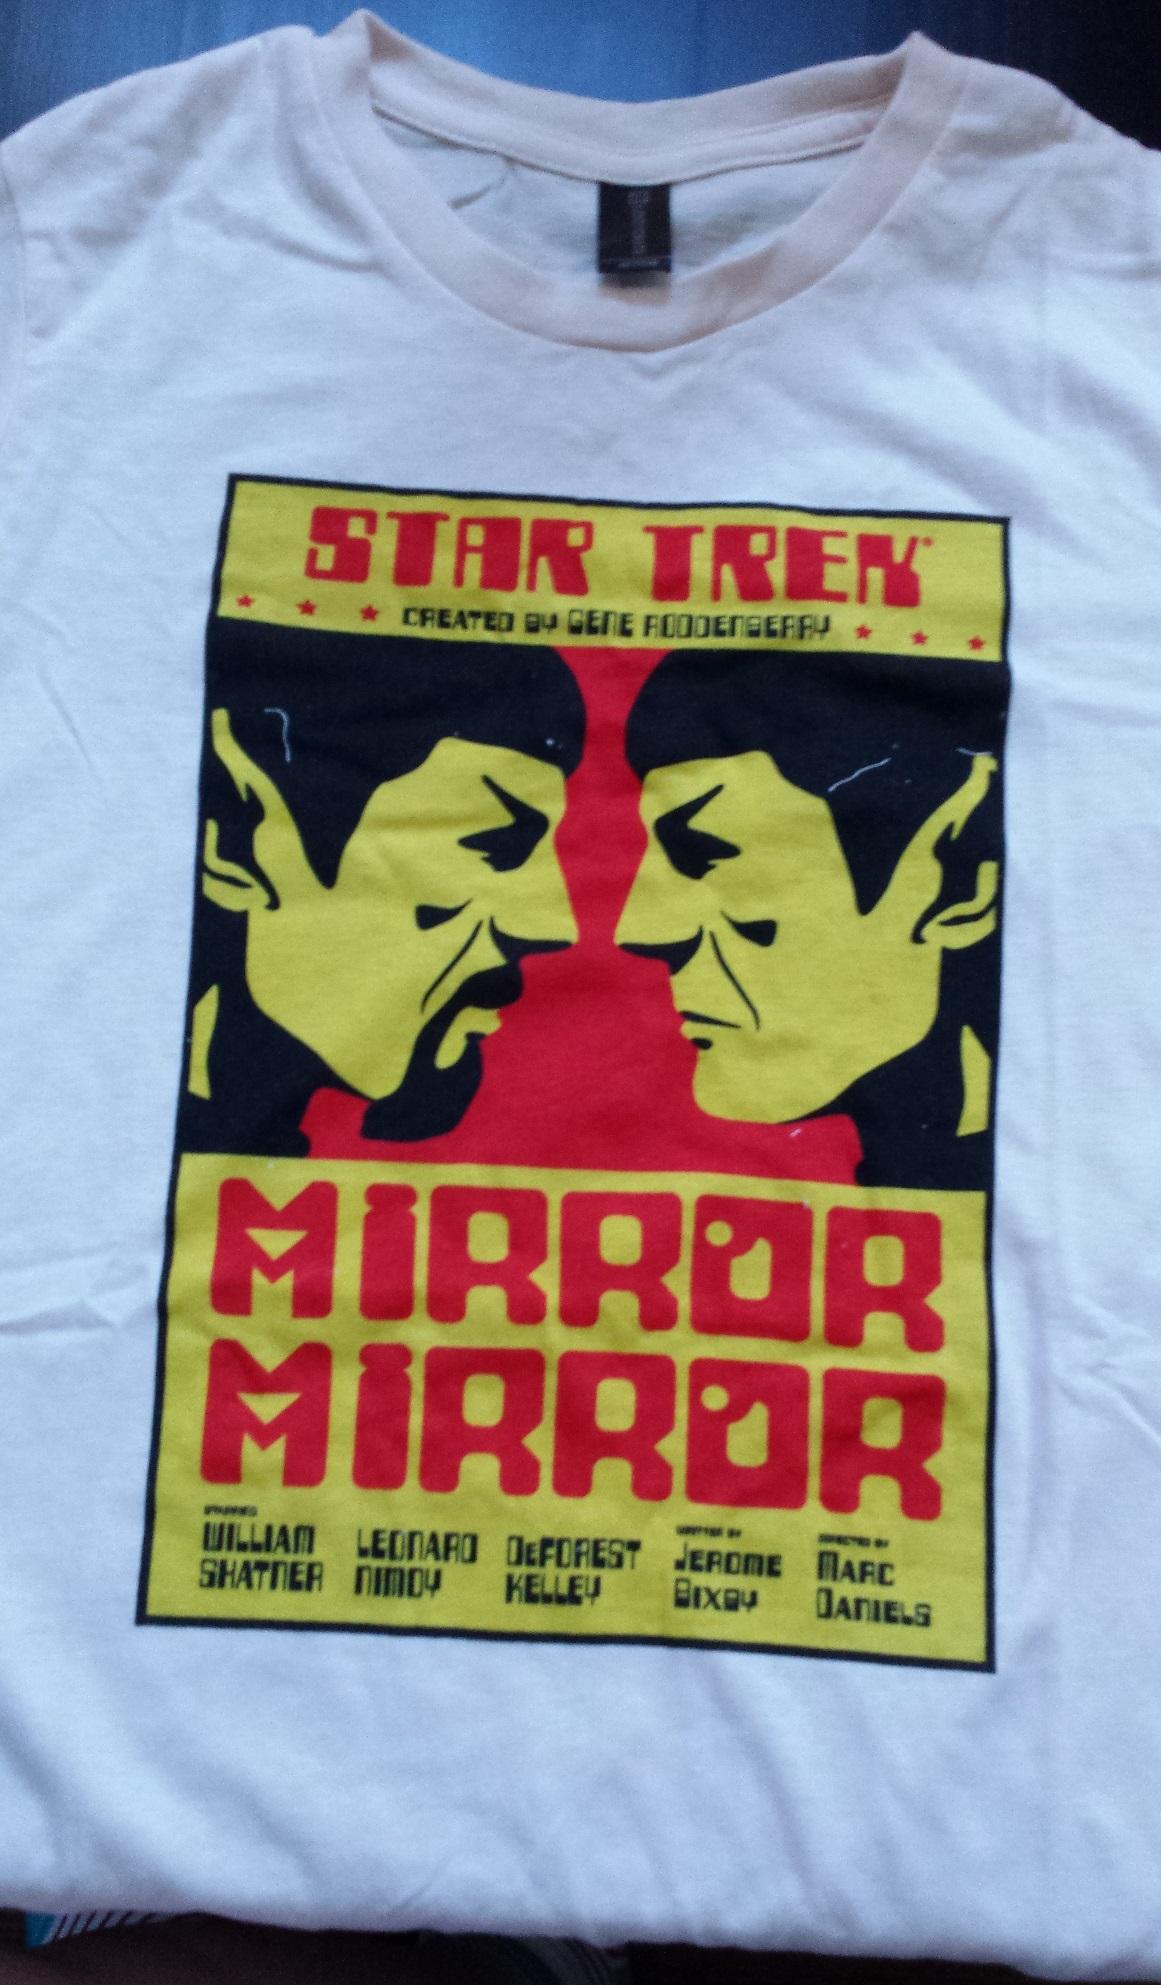 Star trek tshirt, loot crate versus